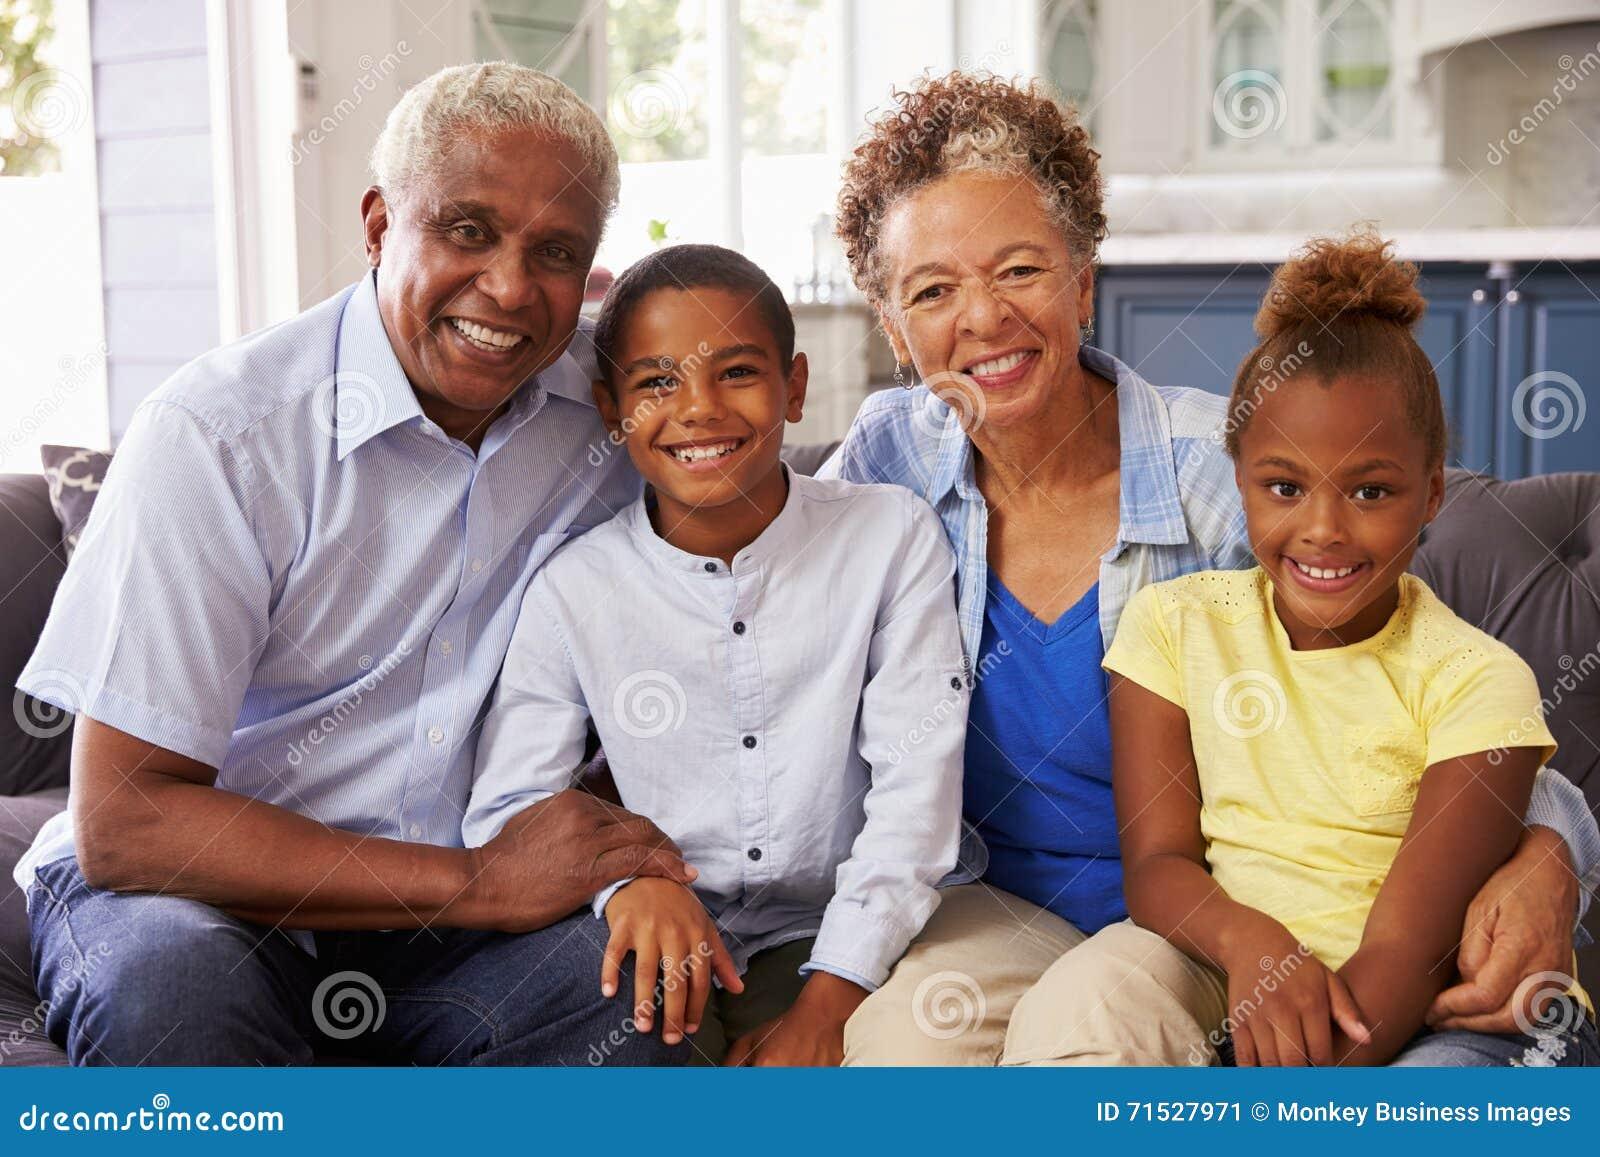 Großeltern und ihre jungen Enkelkinder zu Hause, Porträt